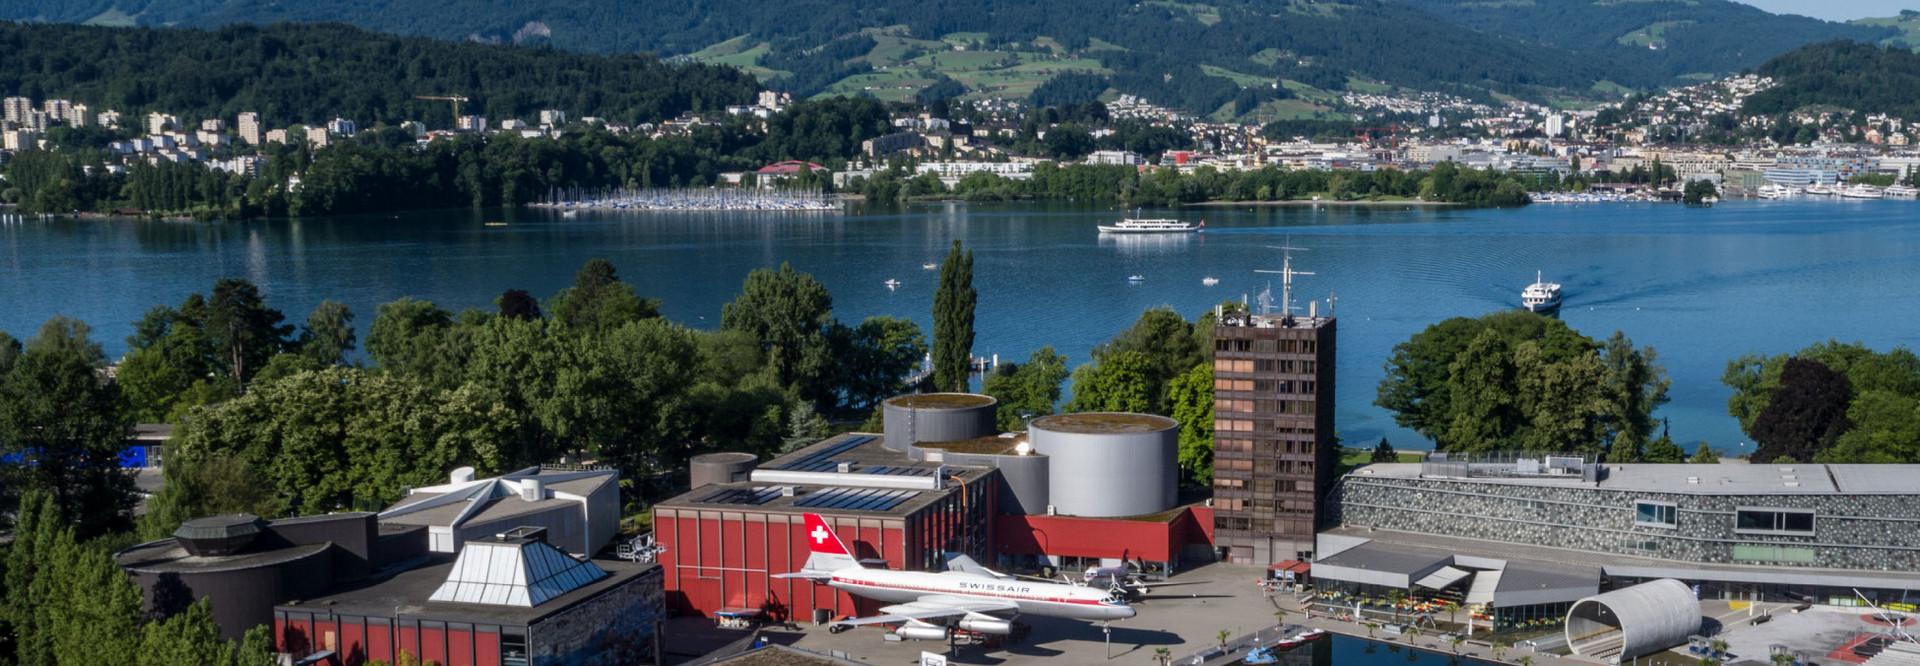 Sicht aus der Luft auf das Verkehrshaus und den See mit dem Pilatus